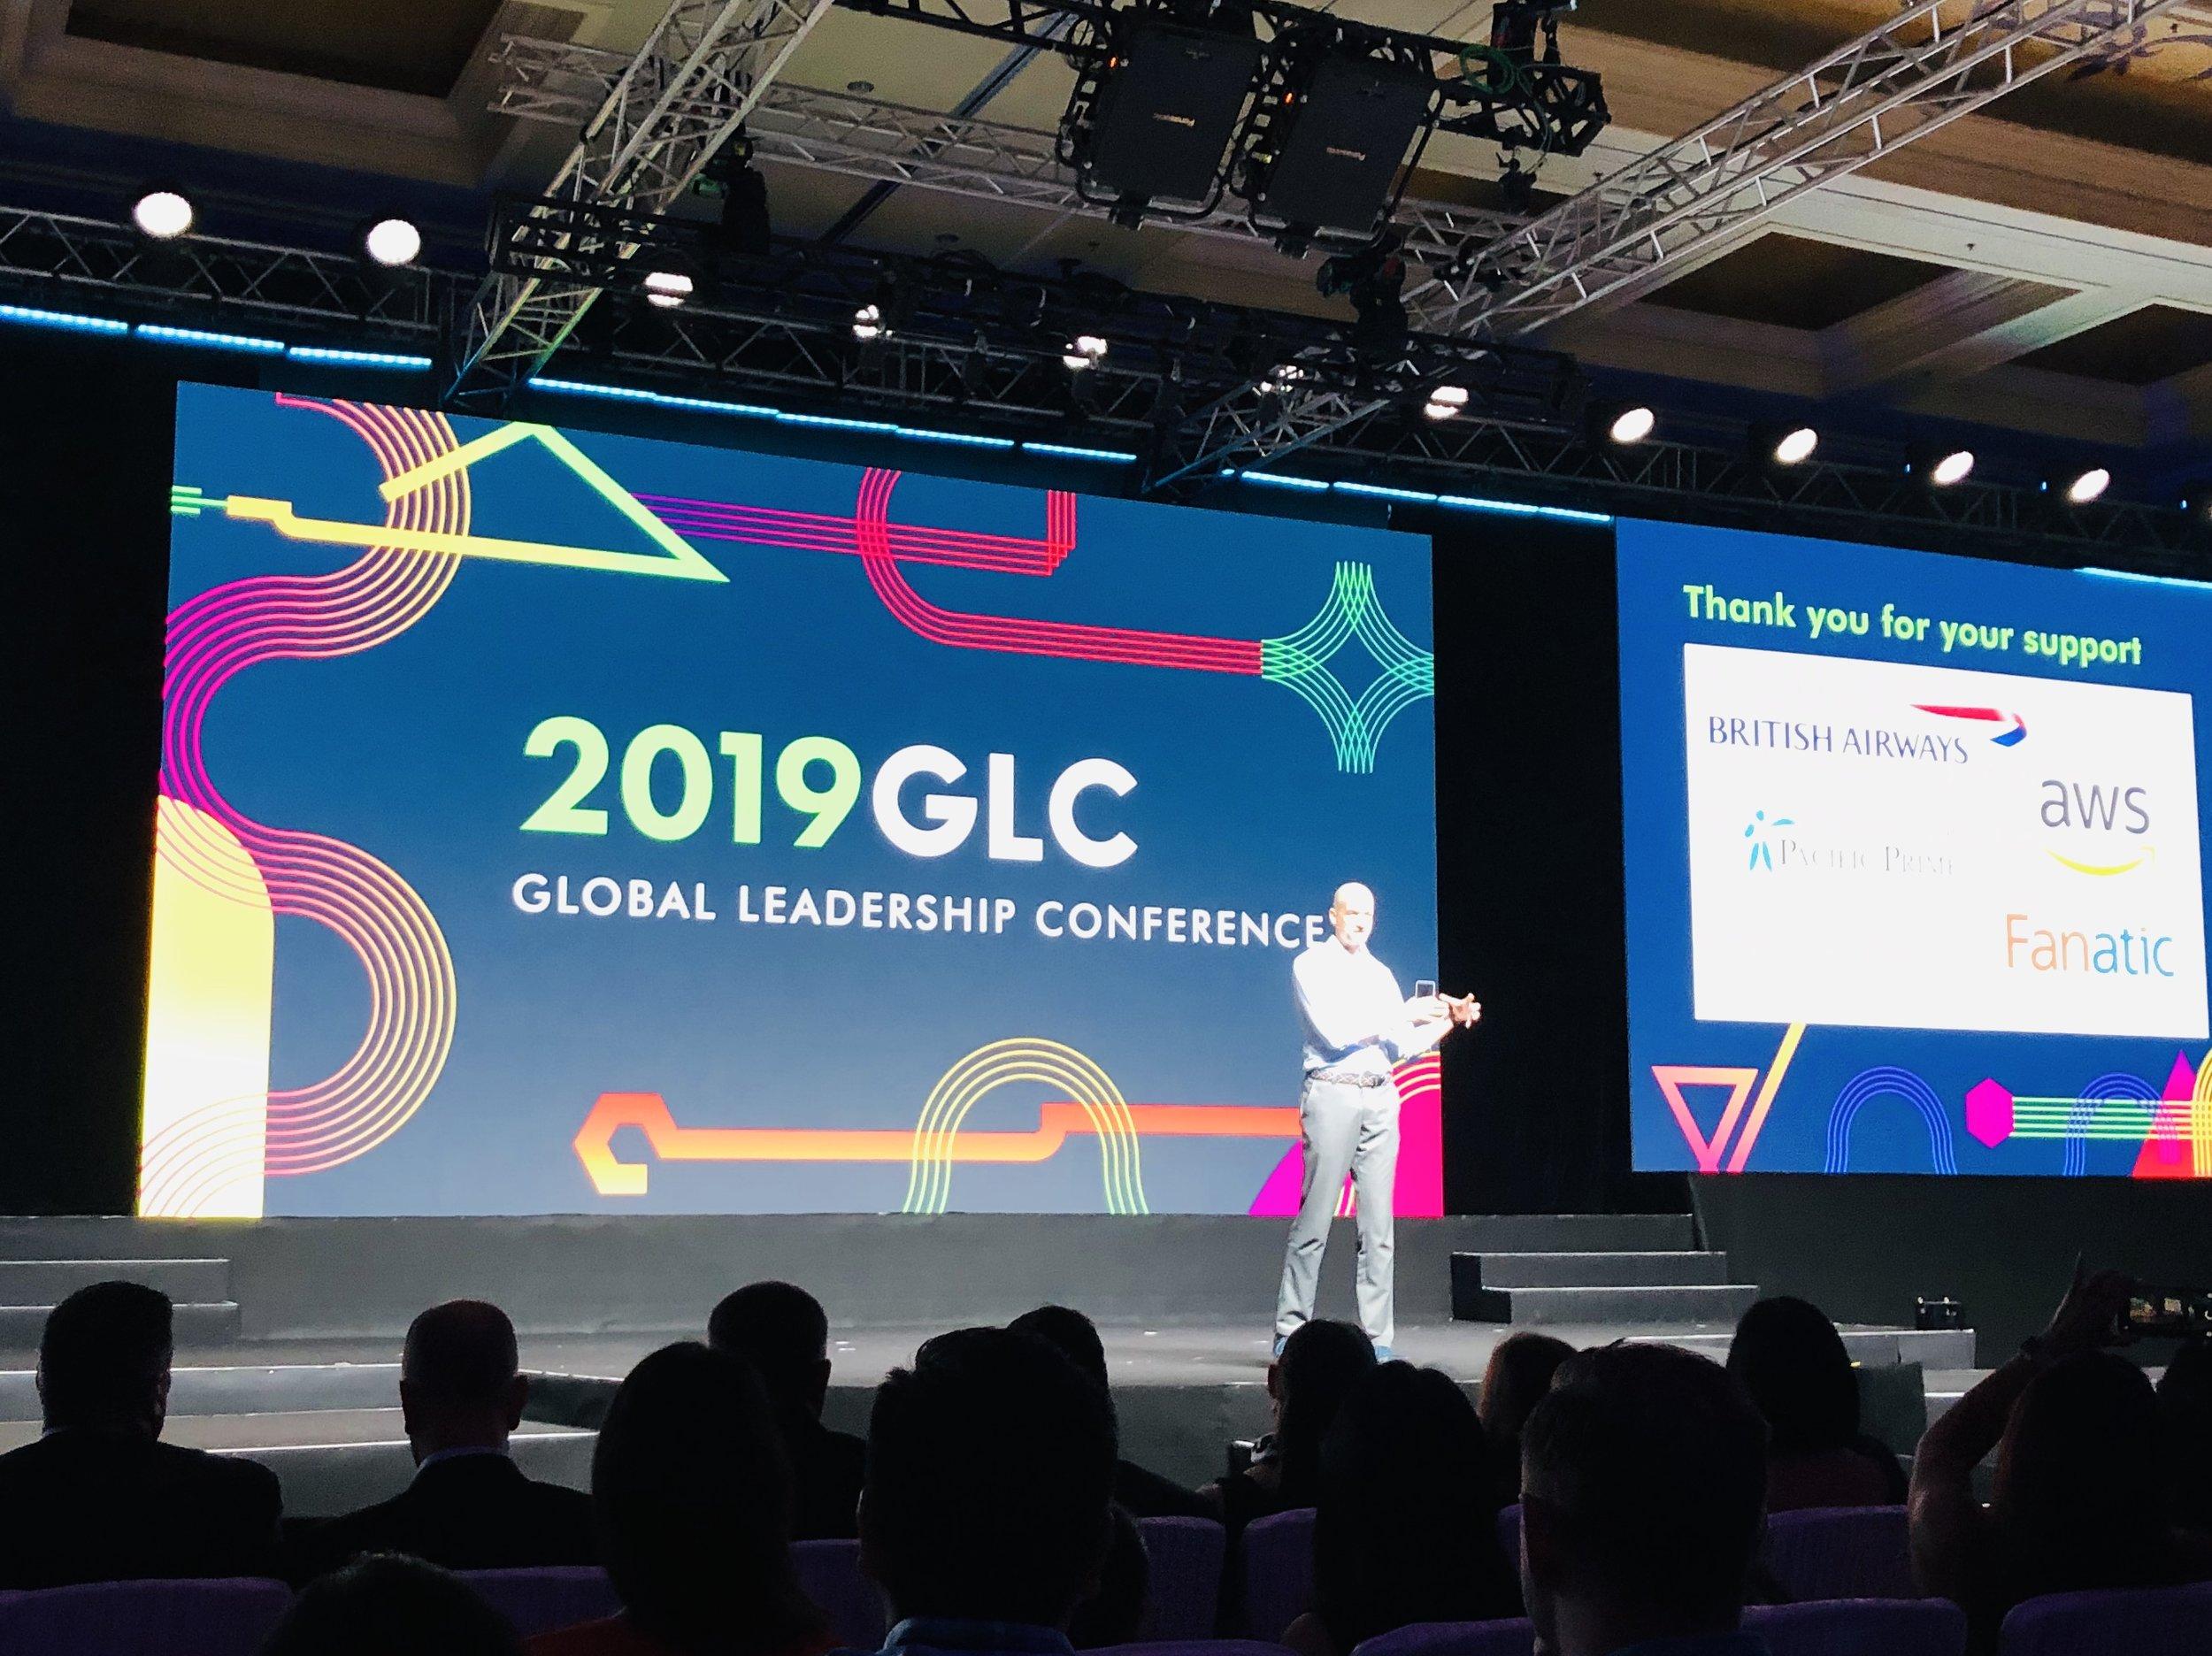 GLC presenters were top-notch.